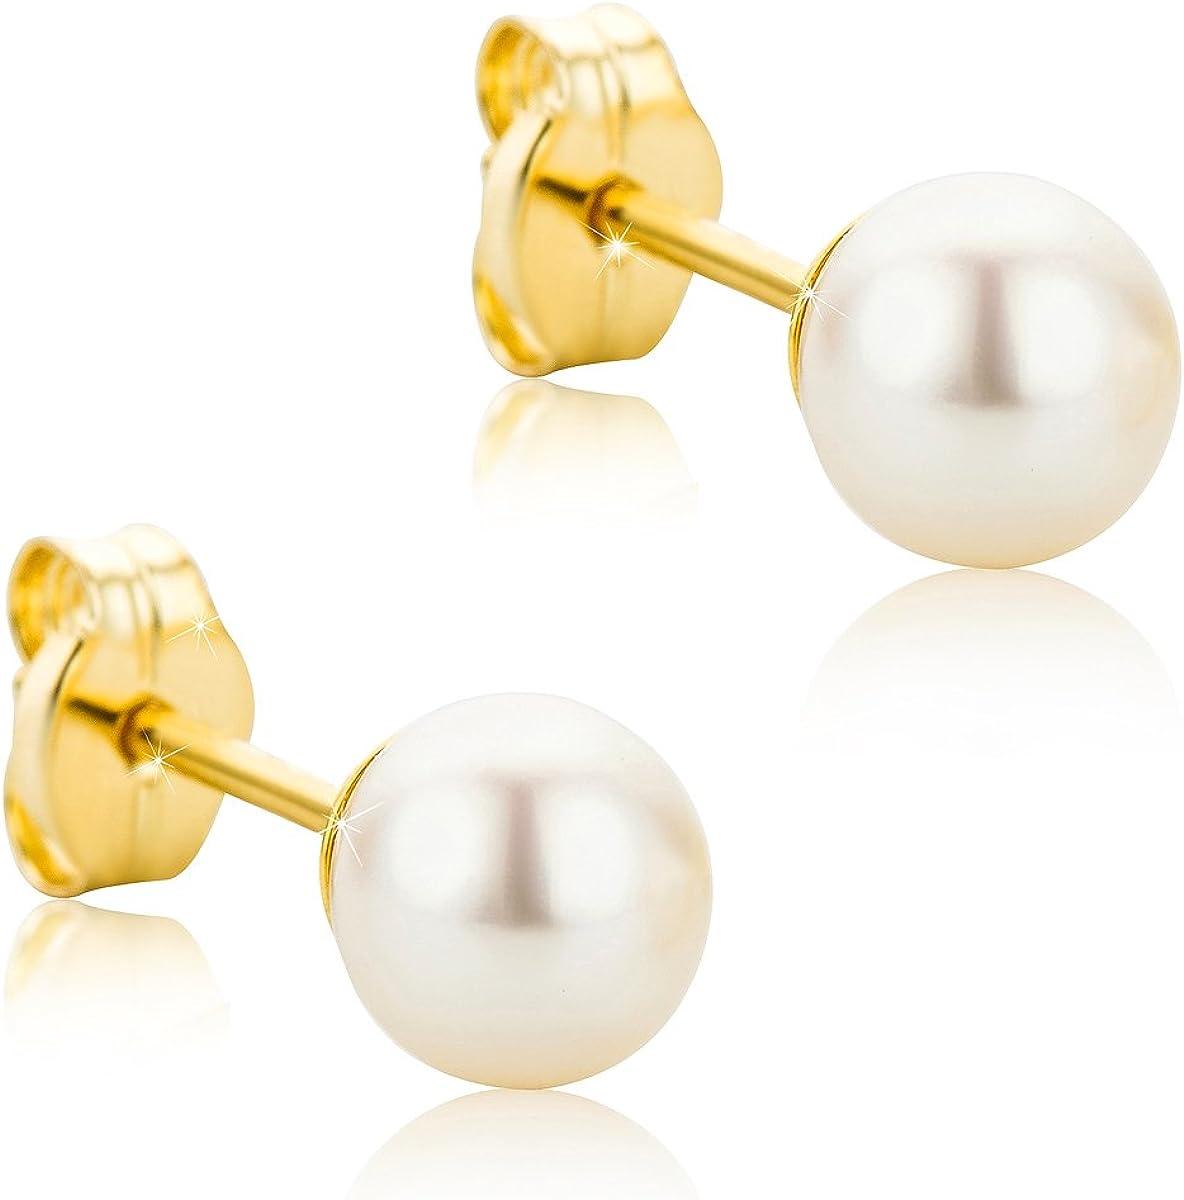 Orovi pendientes de mujer presión Perlas blancas 5-5.5 de aguadulce en oro amarillo 9 kilates ley 375